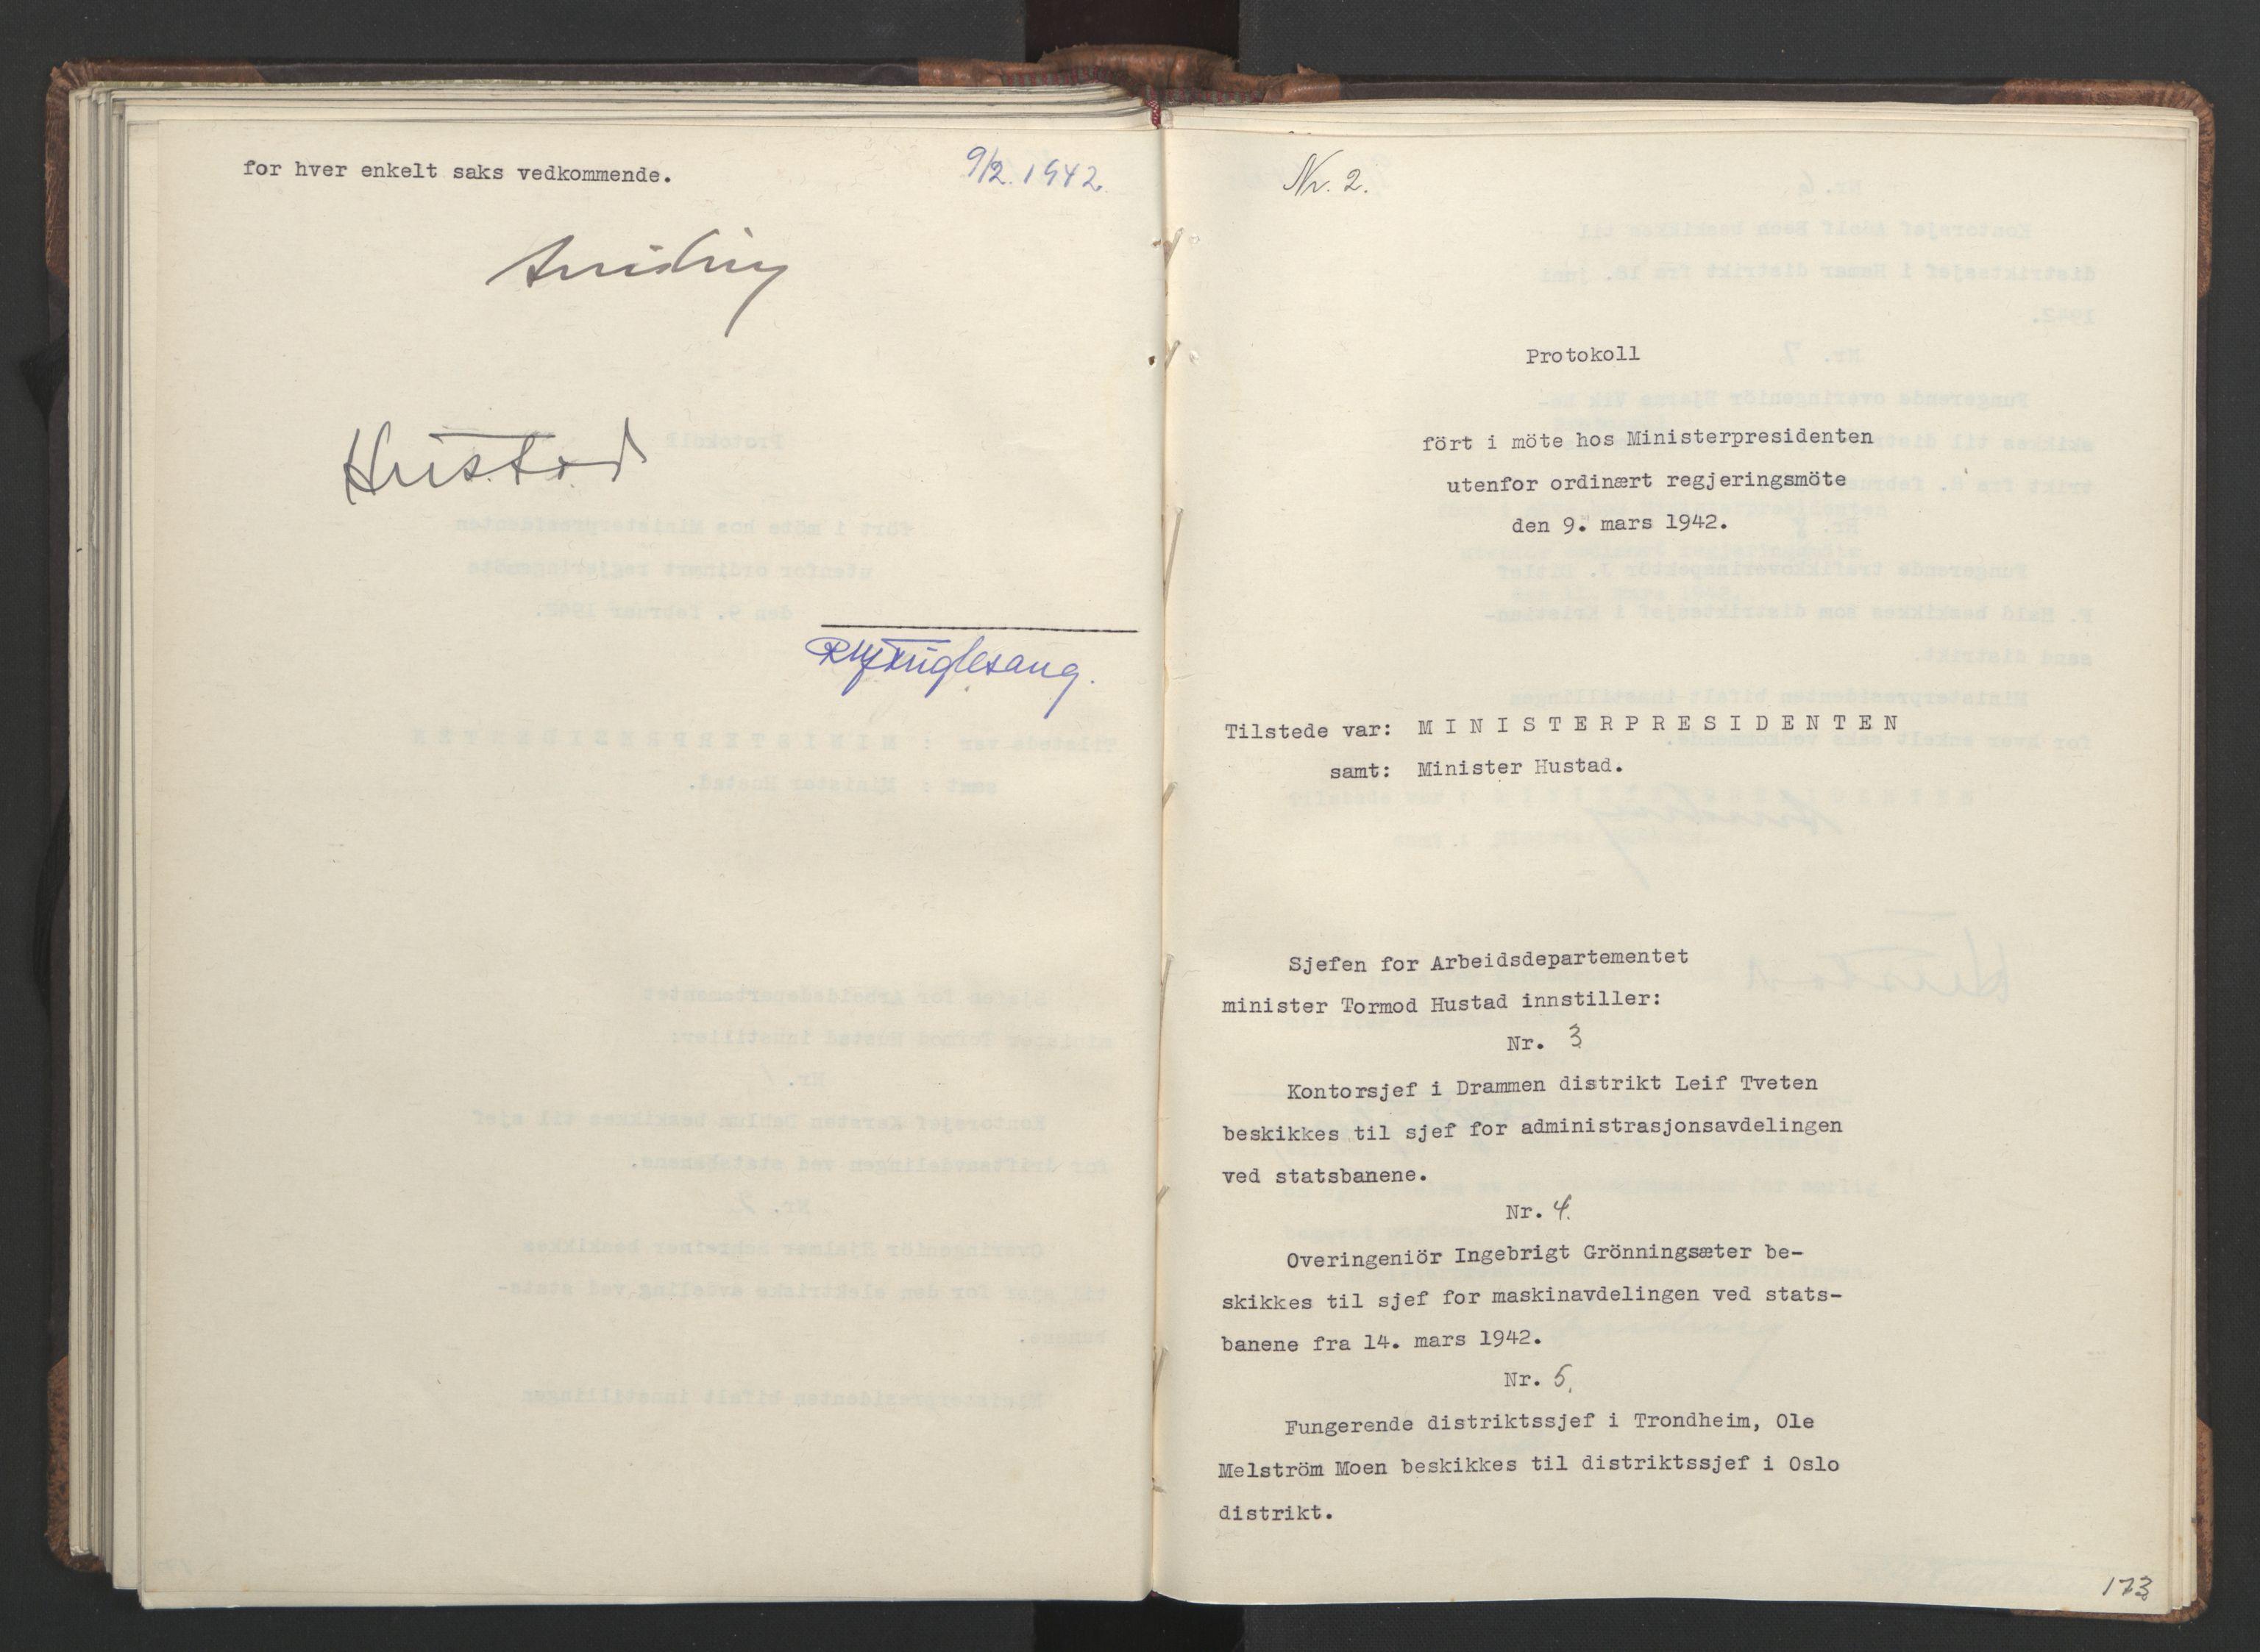 RA, NS-administrasjonen 1940-1945 (Statsrådsekretariatet, de kommisariske statsråder mm), D/Da/L0001: Beslutninger og tillegg (1-952 og 1-32), 1942, s. 172b-173a